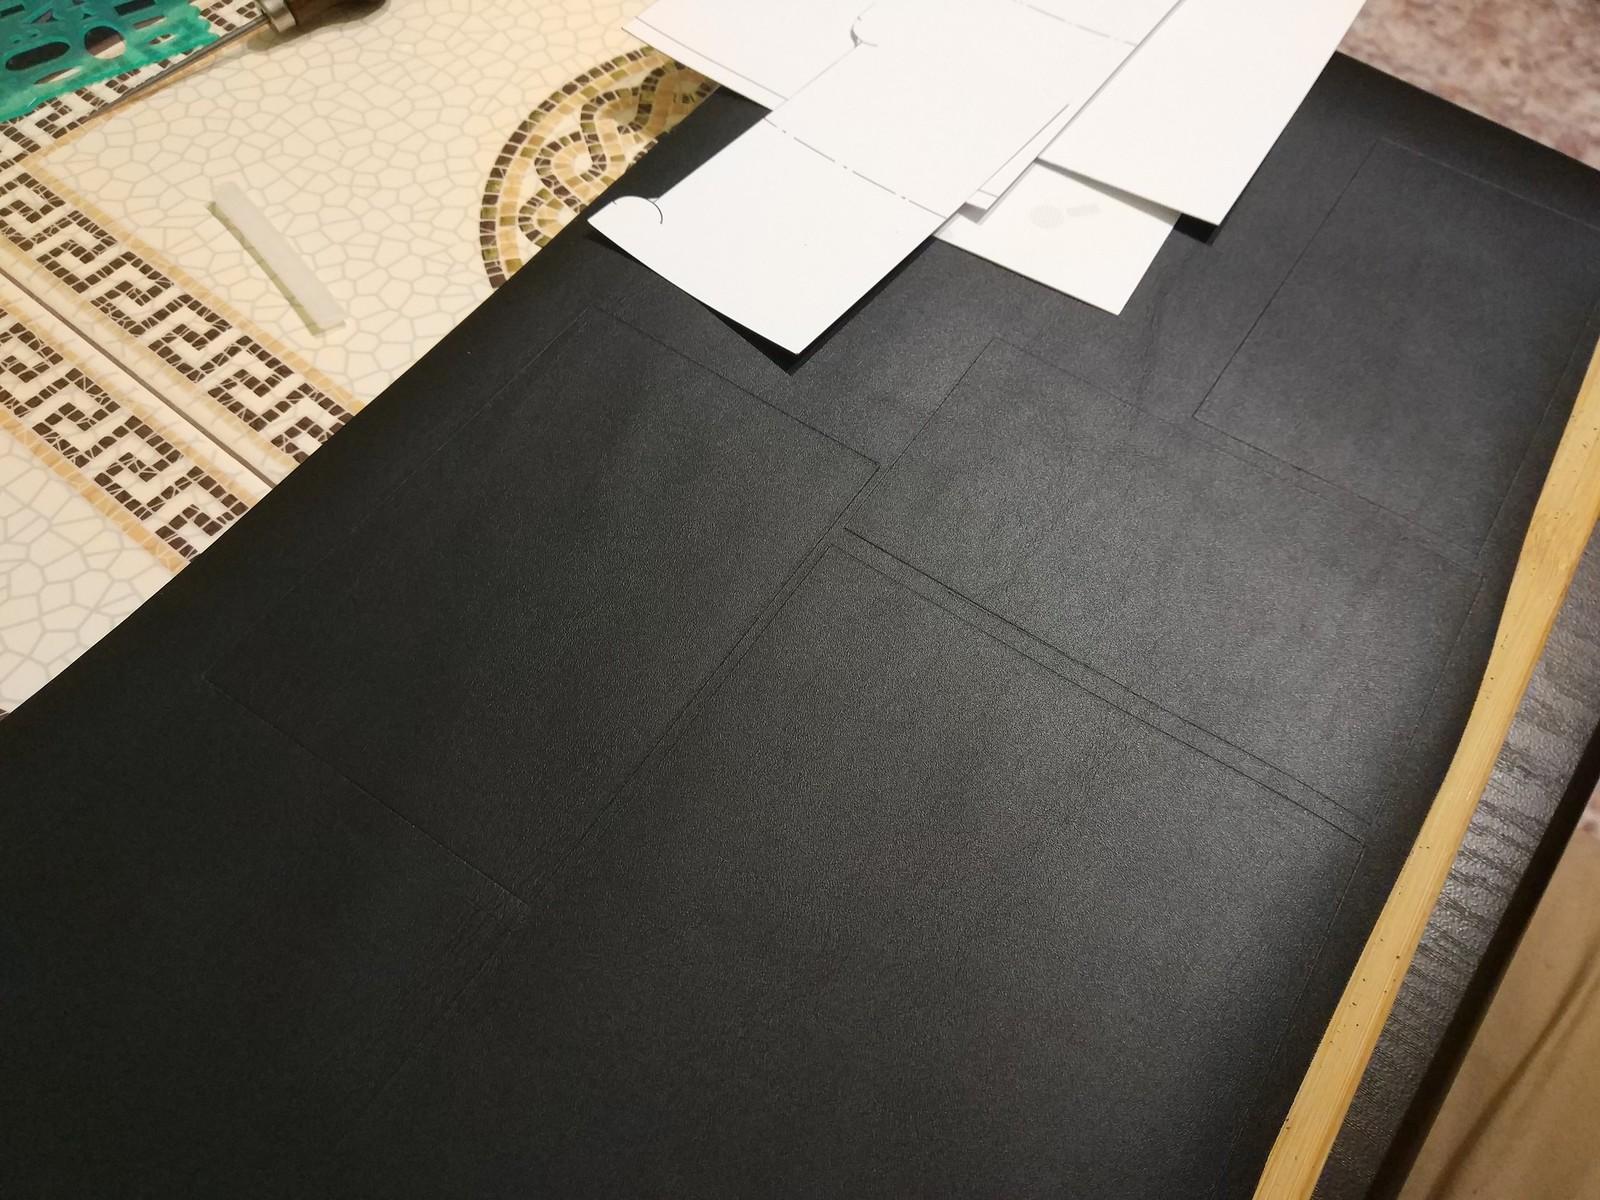 b47c3148a69a Обложка под паспорт, с отделением под карты. Своими руками, Длиннопост,  Handmade,